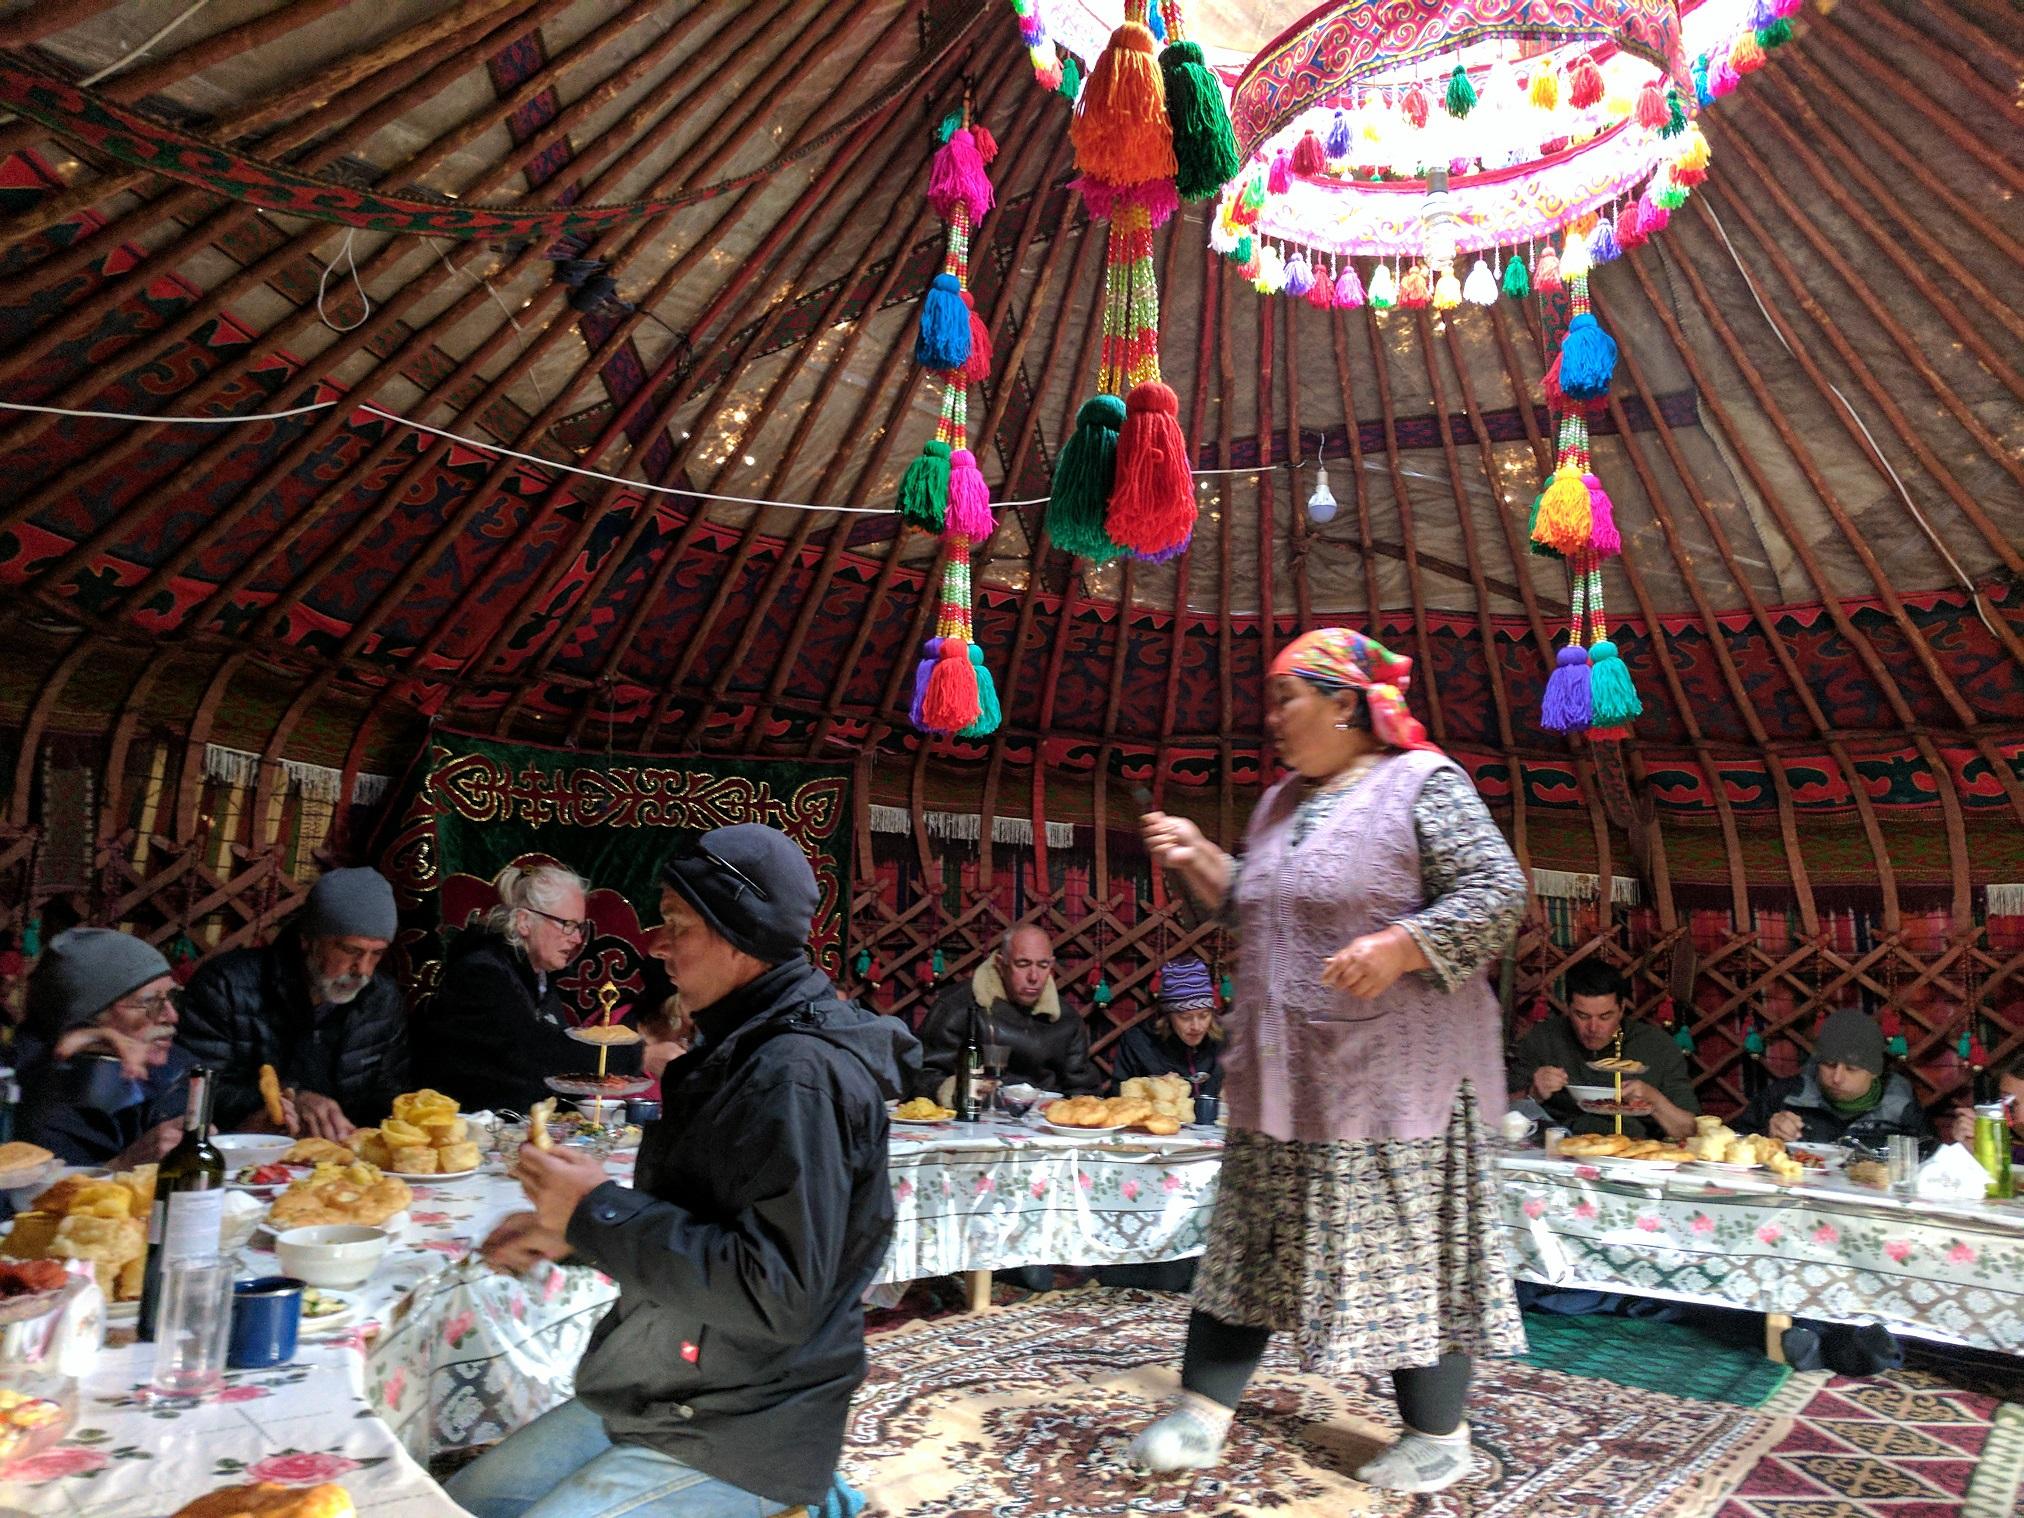 Inside of a Yurt in Kyrgyzstan